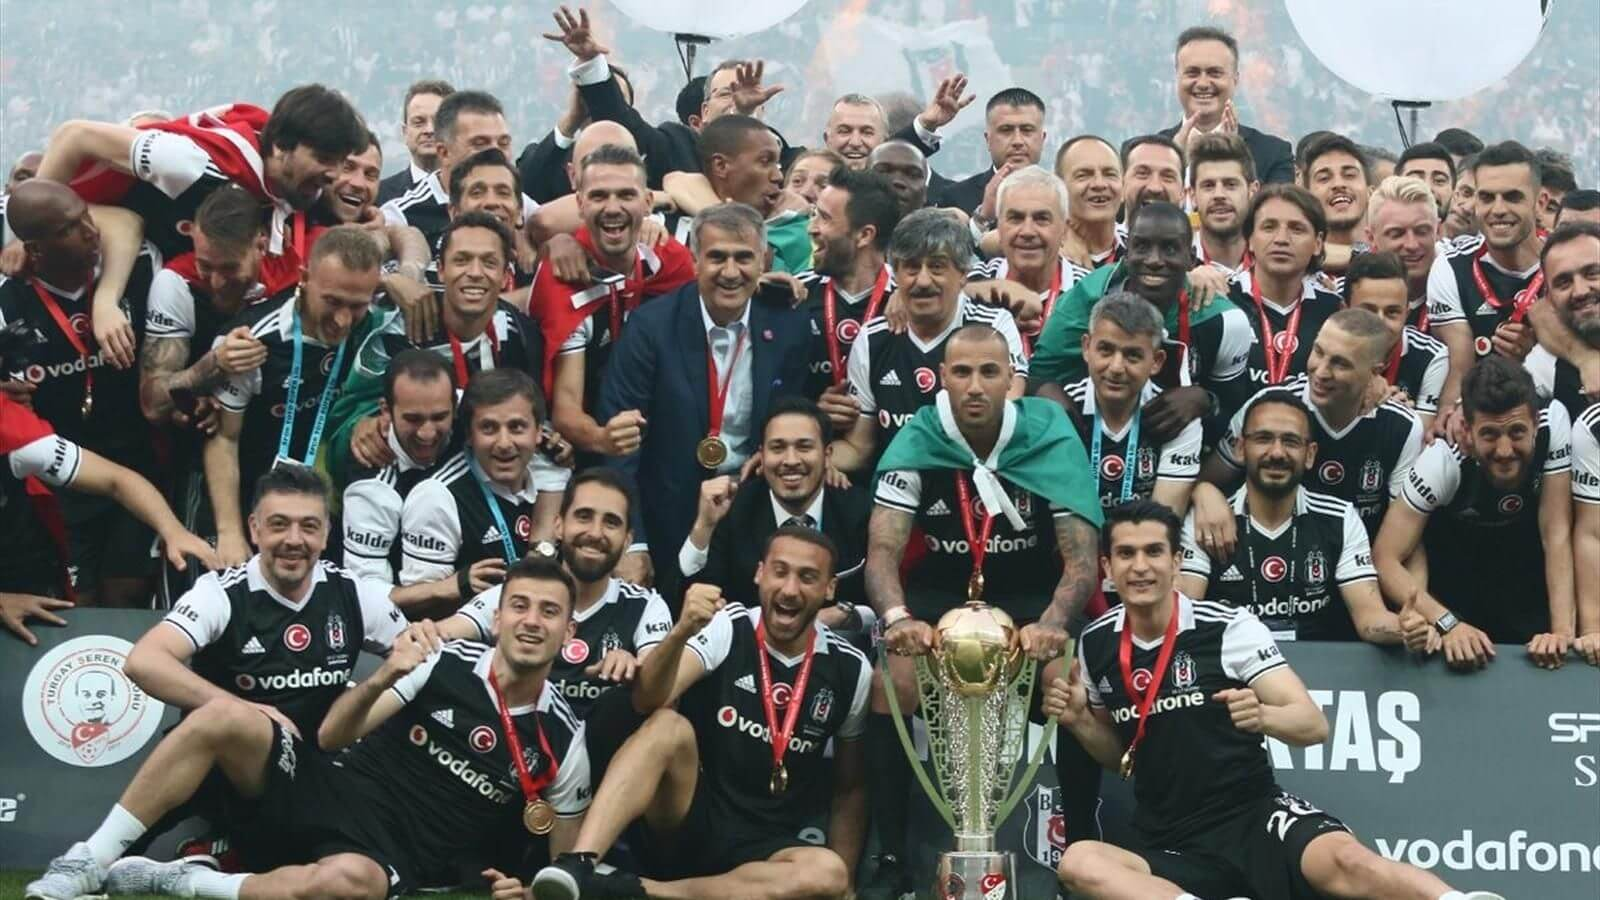 Siyah beyaz formalı futbolcular Süper lig kupası ile fotoğraf çekiniyor.